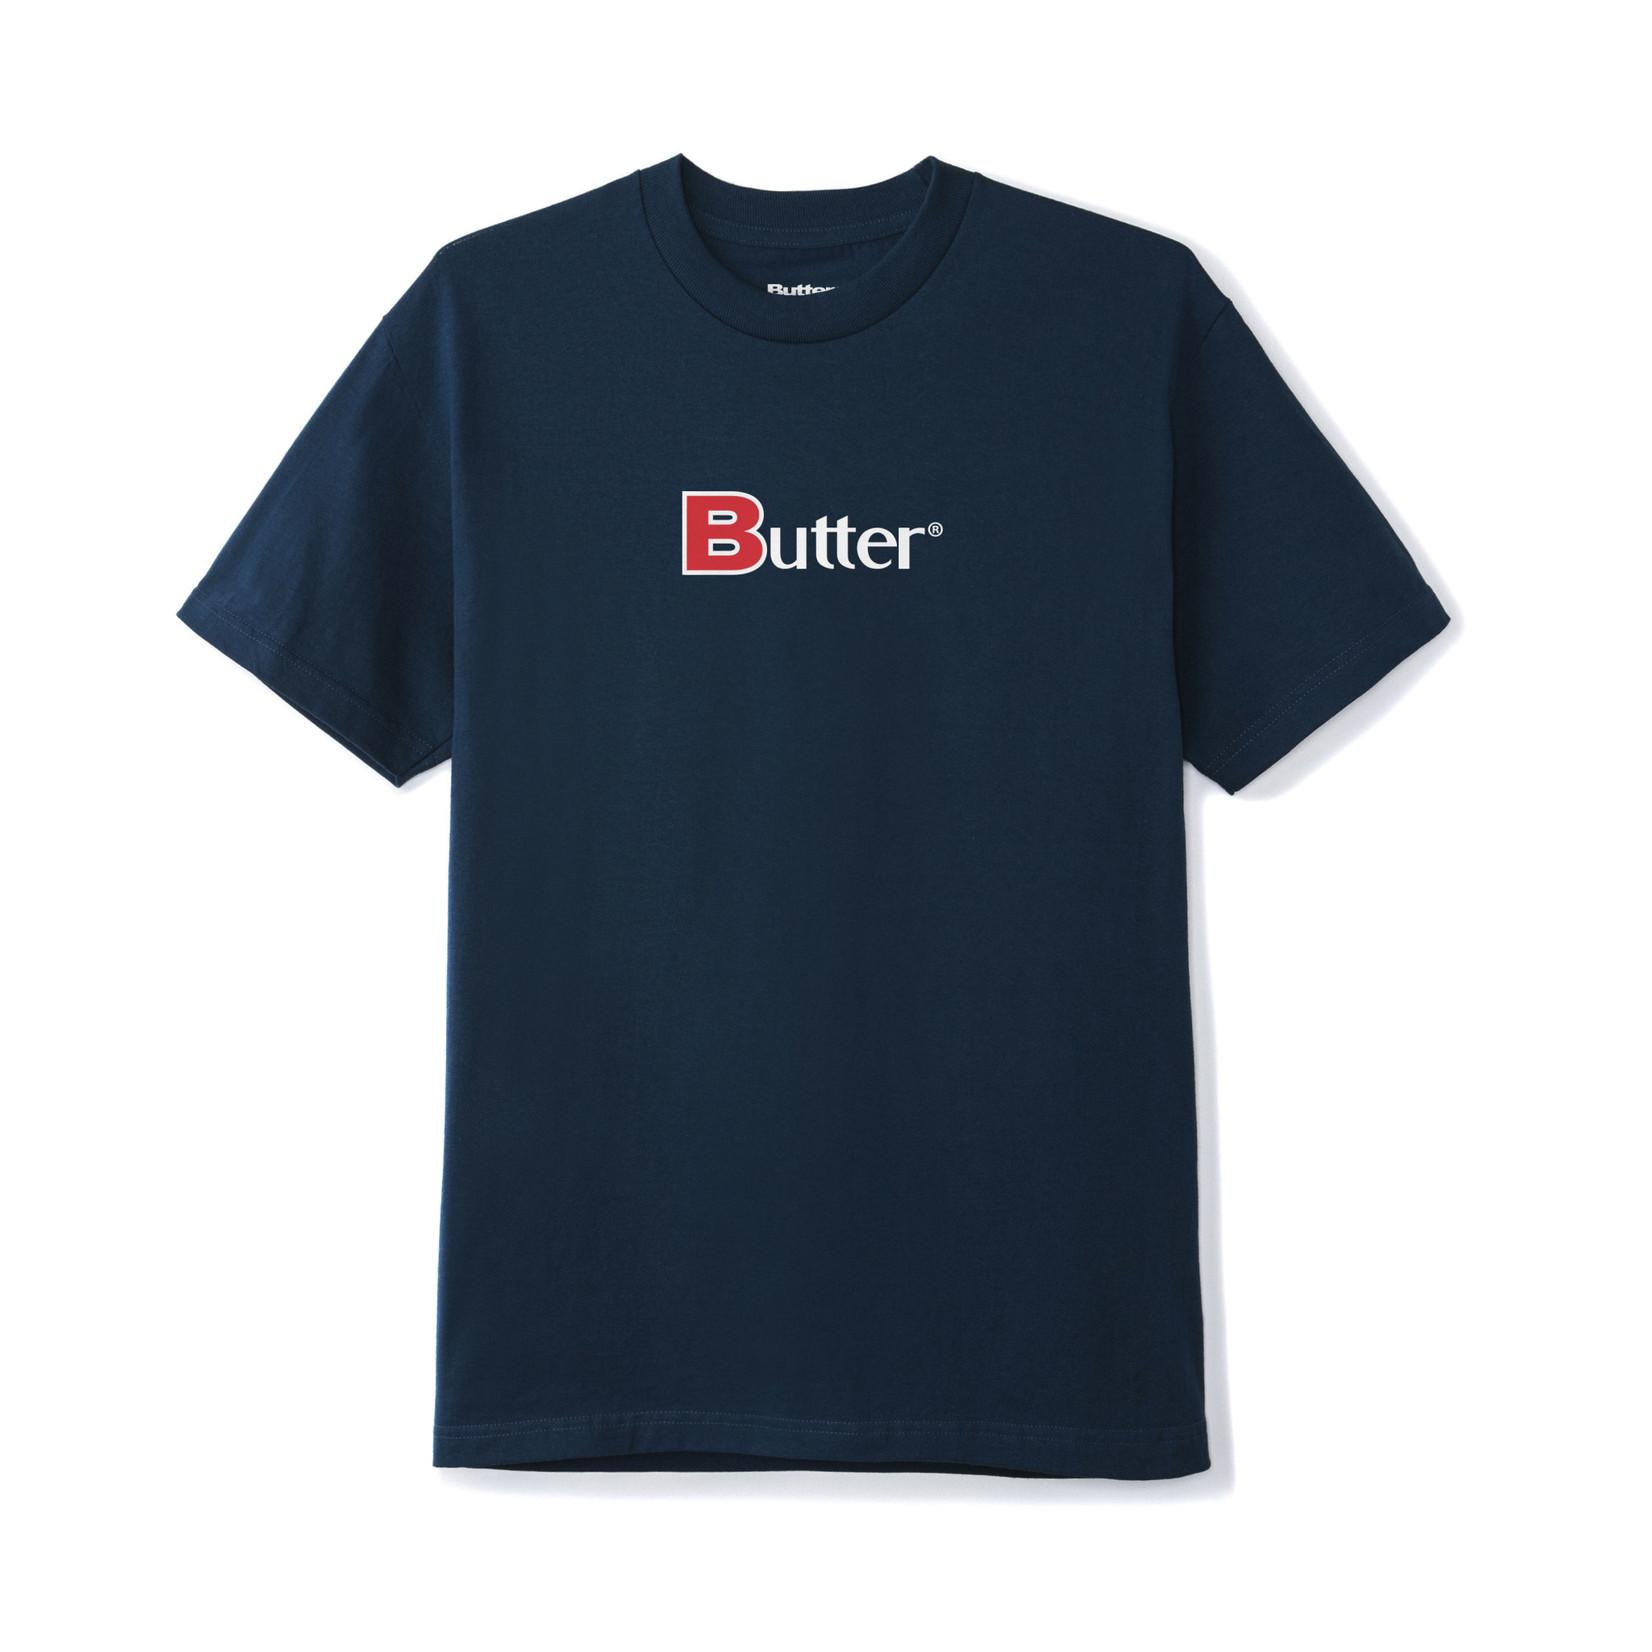 Butter Goods Butter Goods Bold Classic Logo Tee